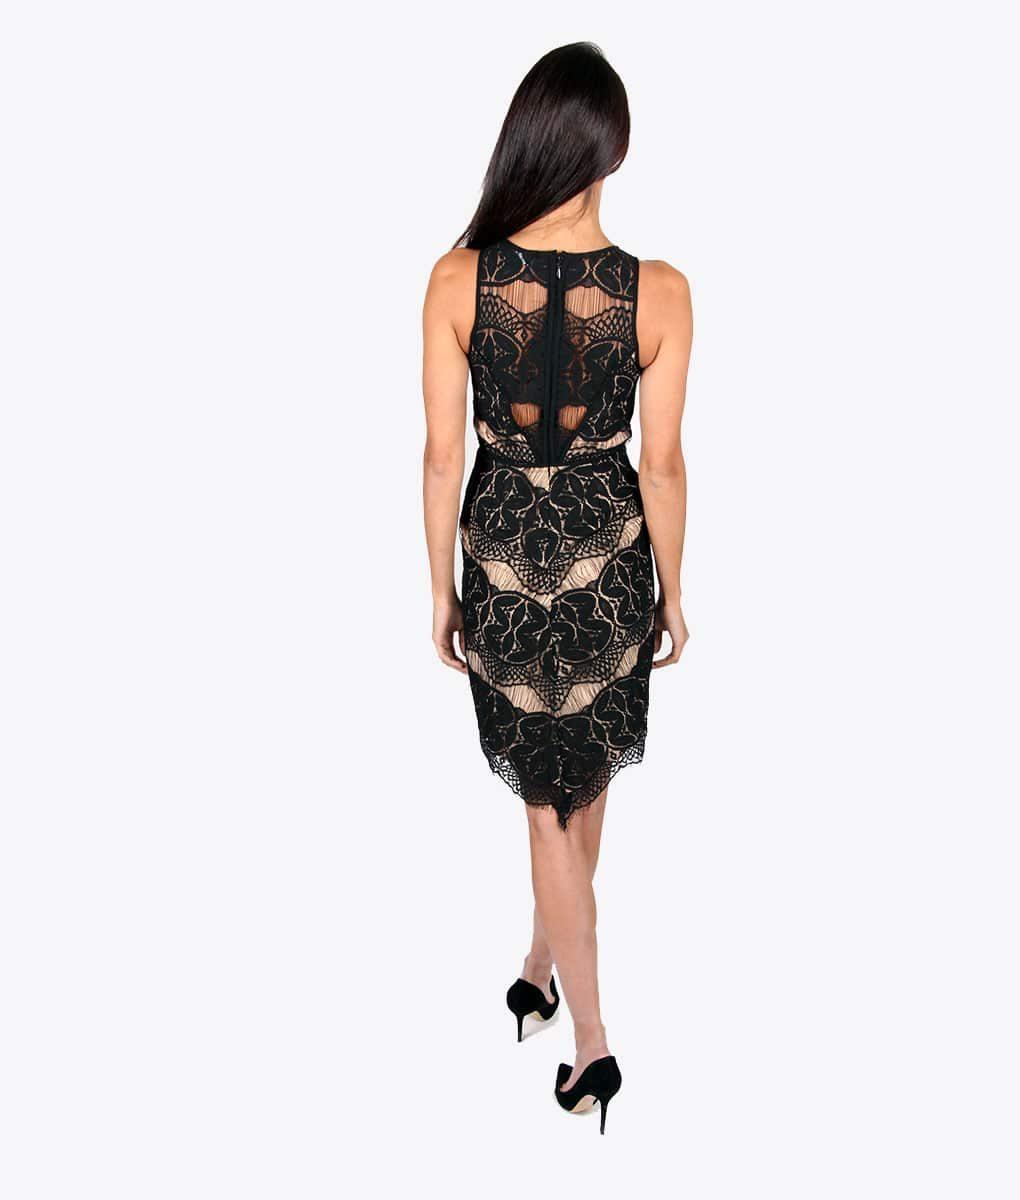 Alila Boutique Black Lace Dress.